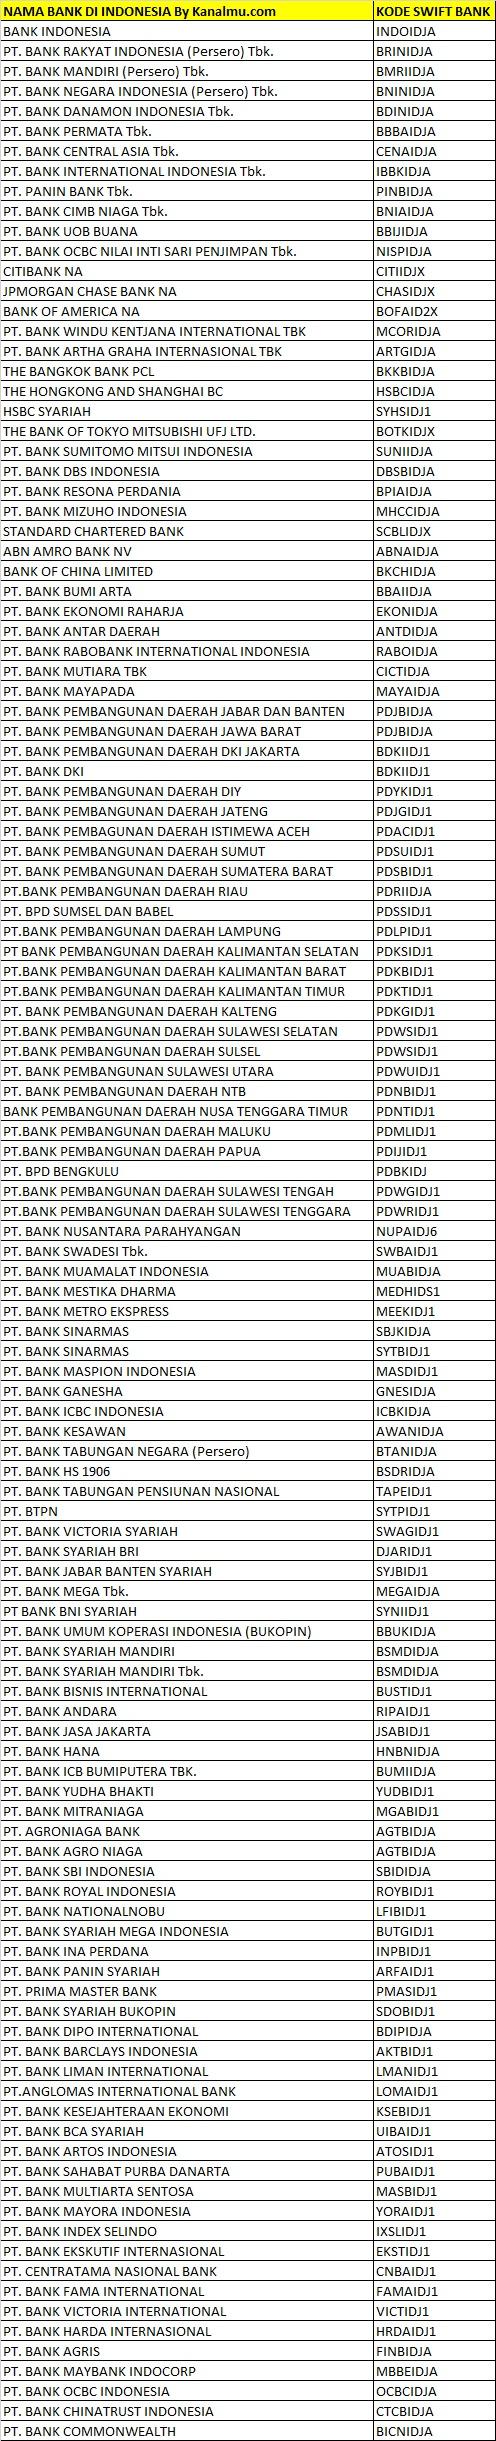 kode swift bank di indonesia - kanalmu